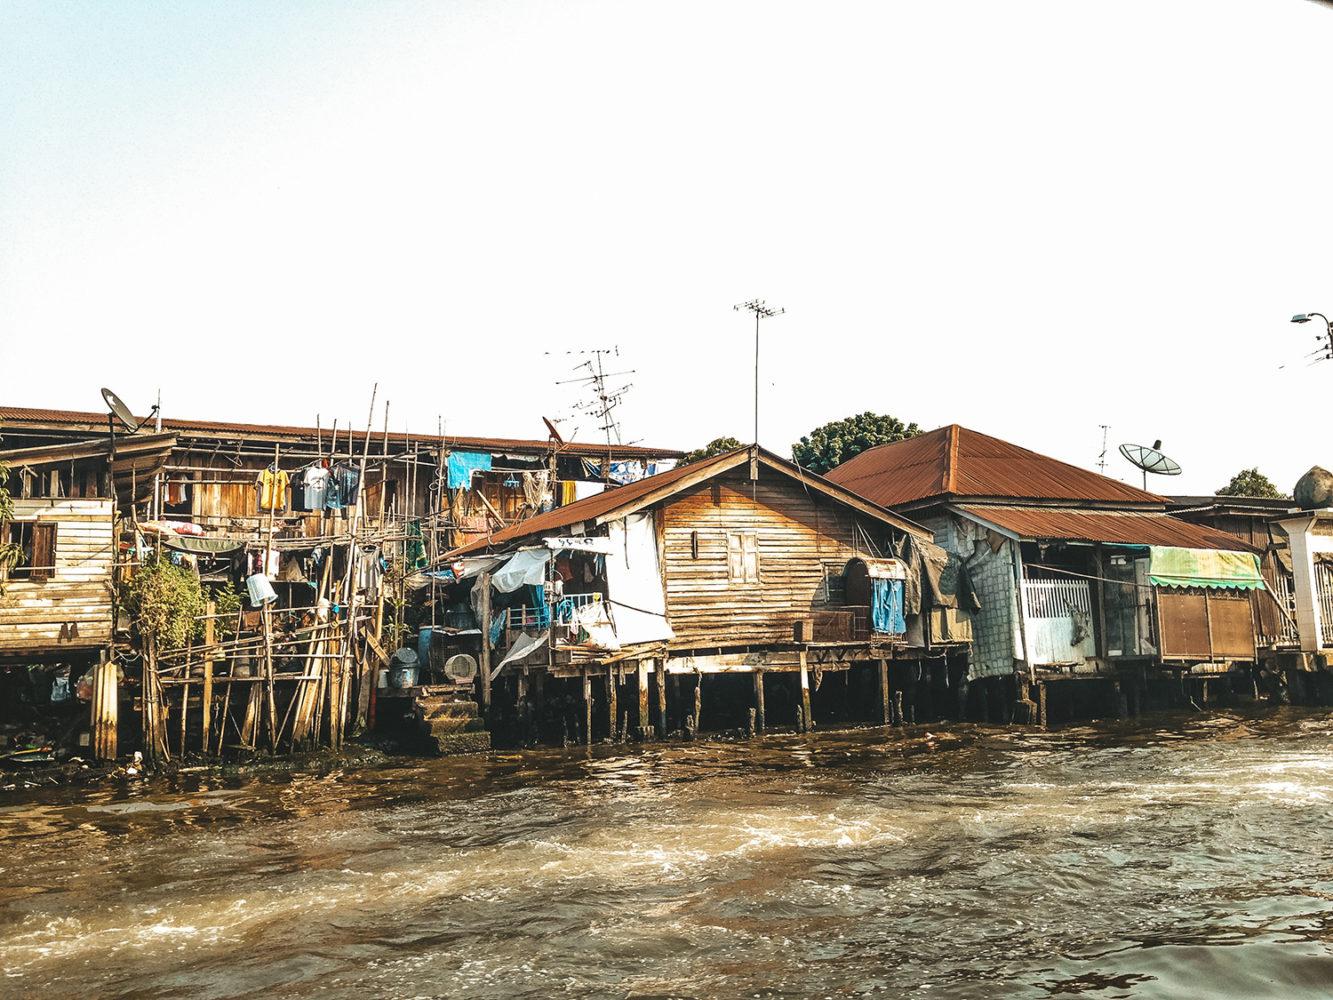 Balade sur les célèbres klongs de Bangkok